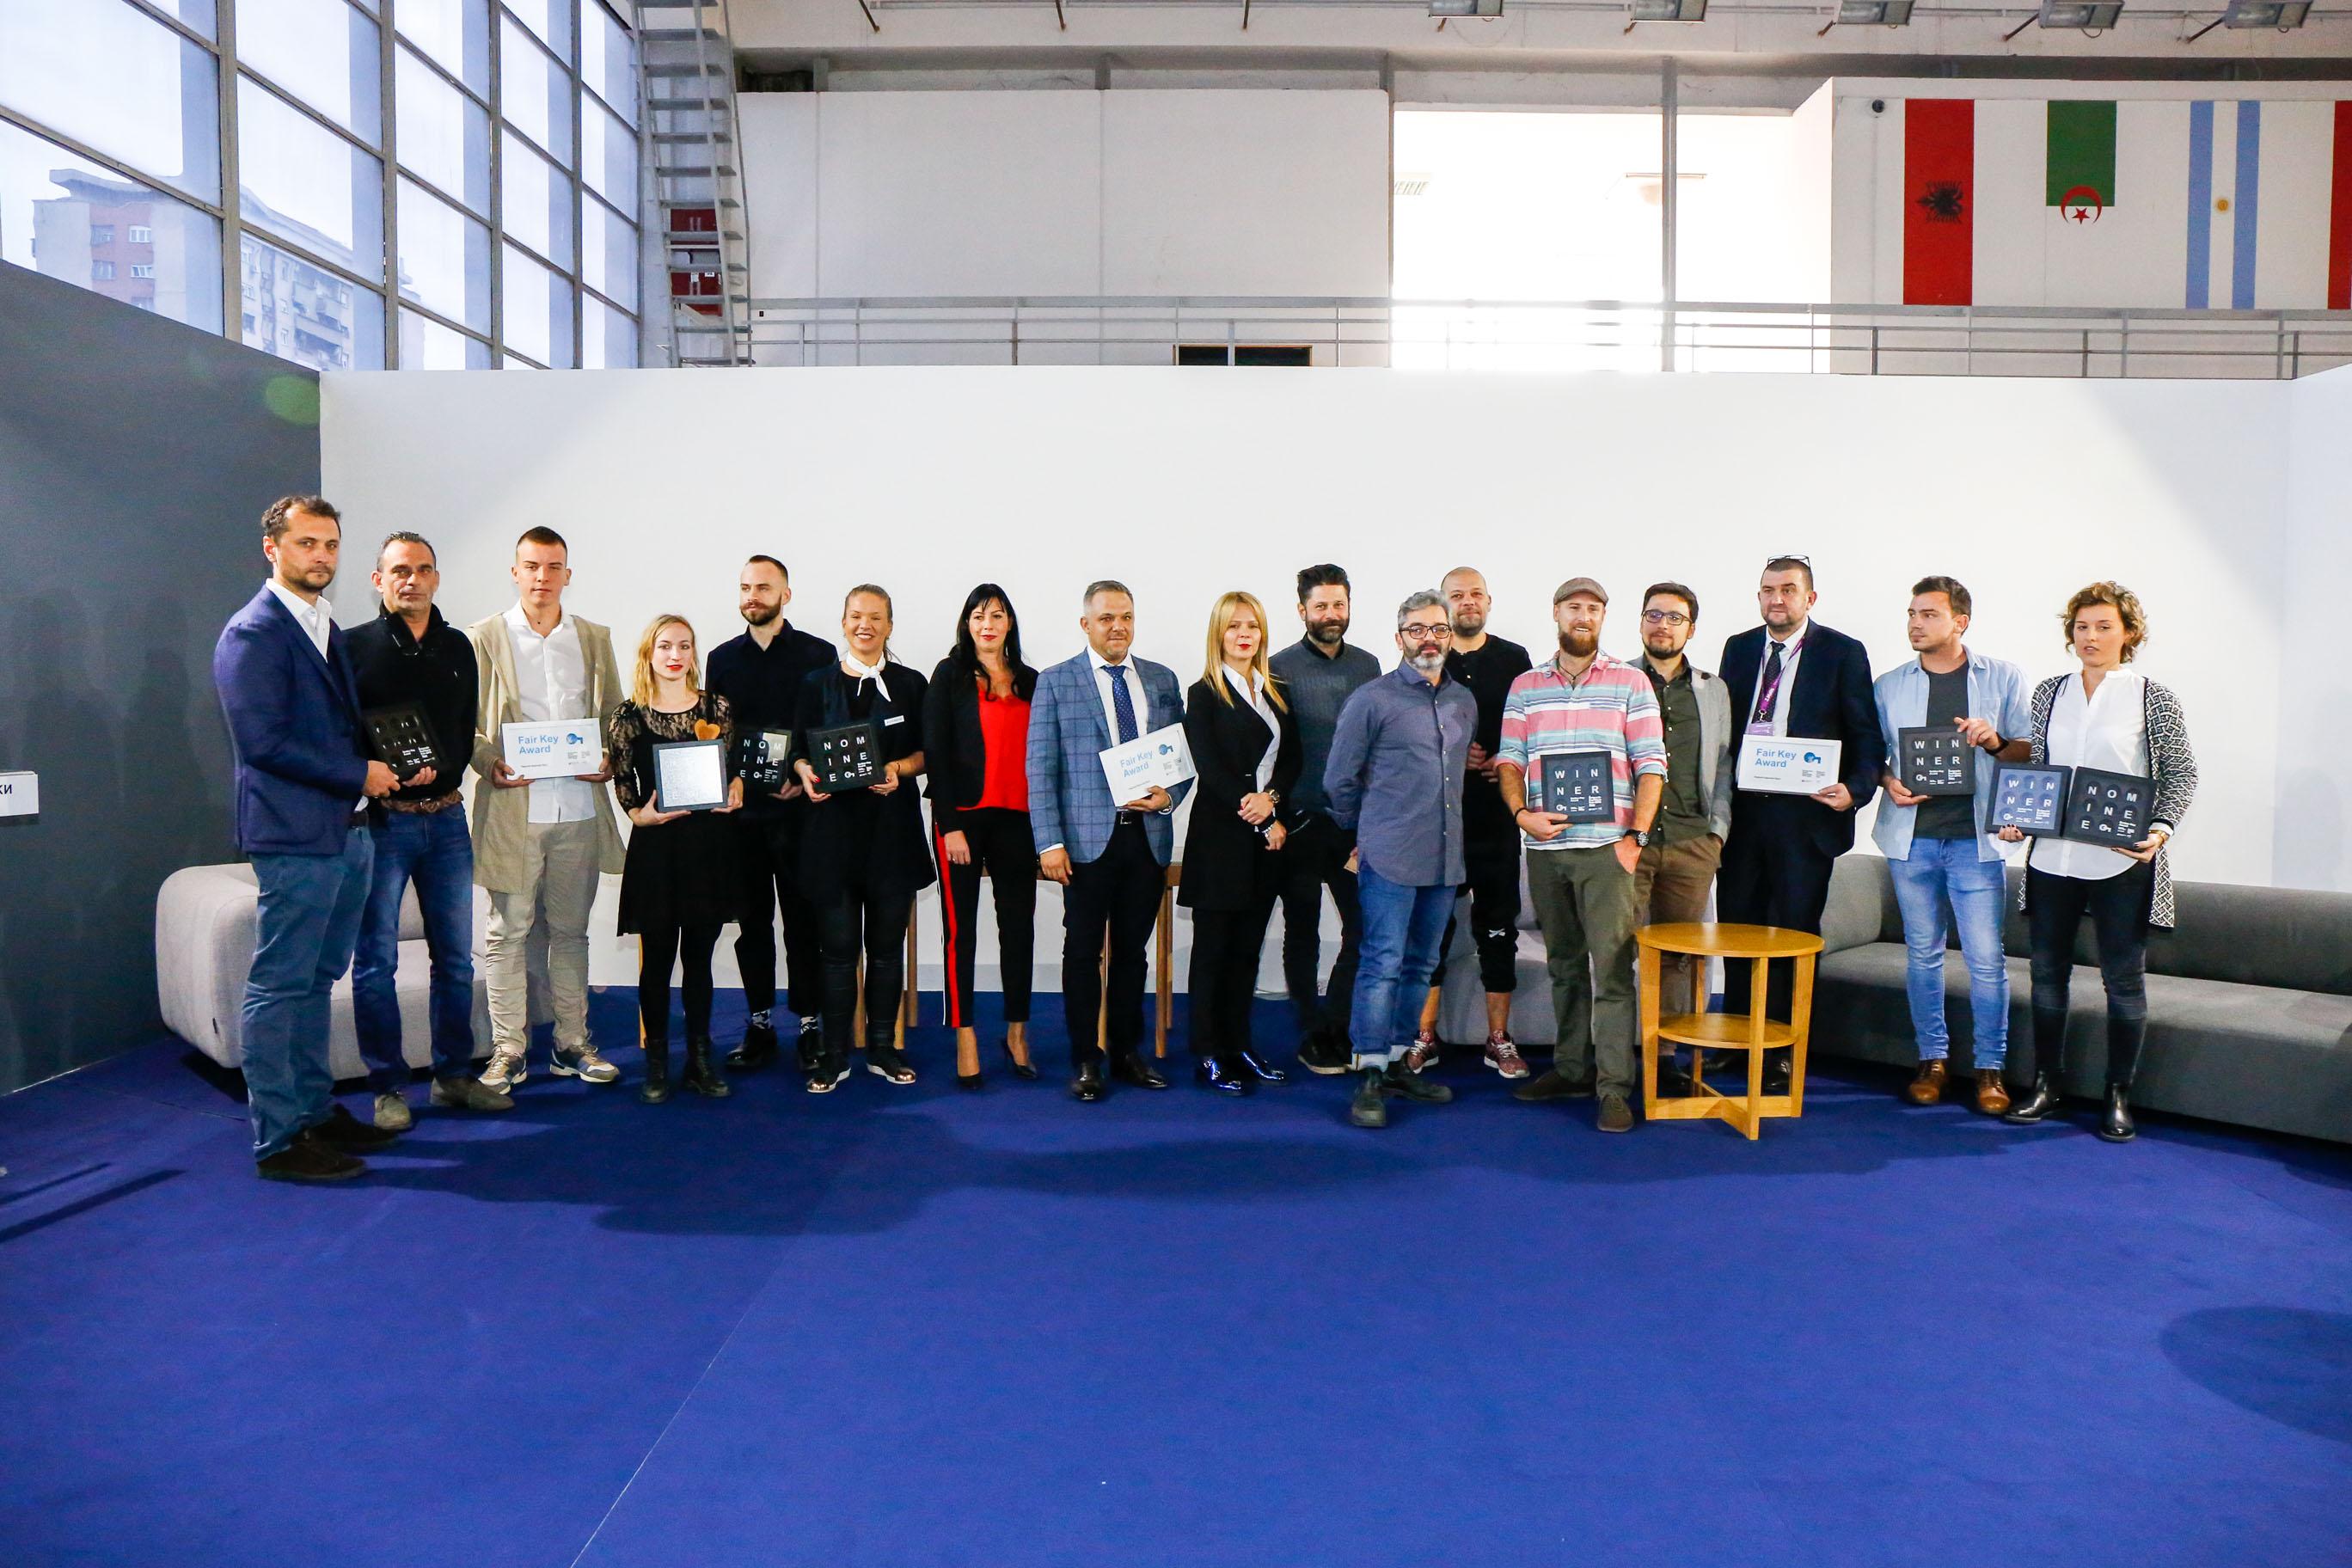 Beograd: Dodeljene nagrade na Sajmu nameštaja